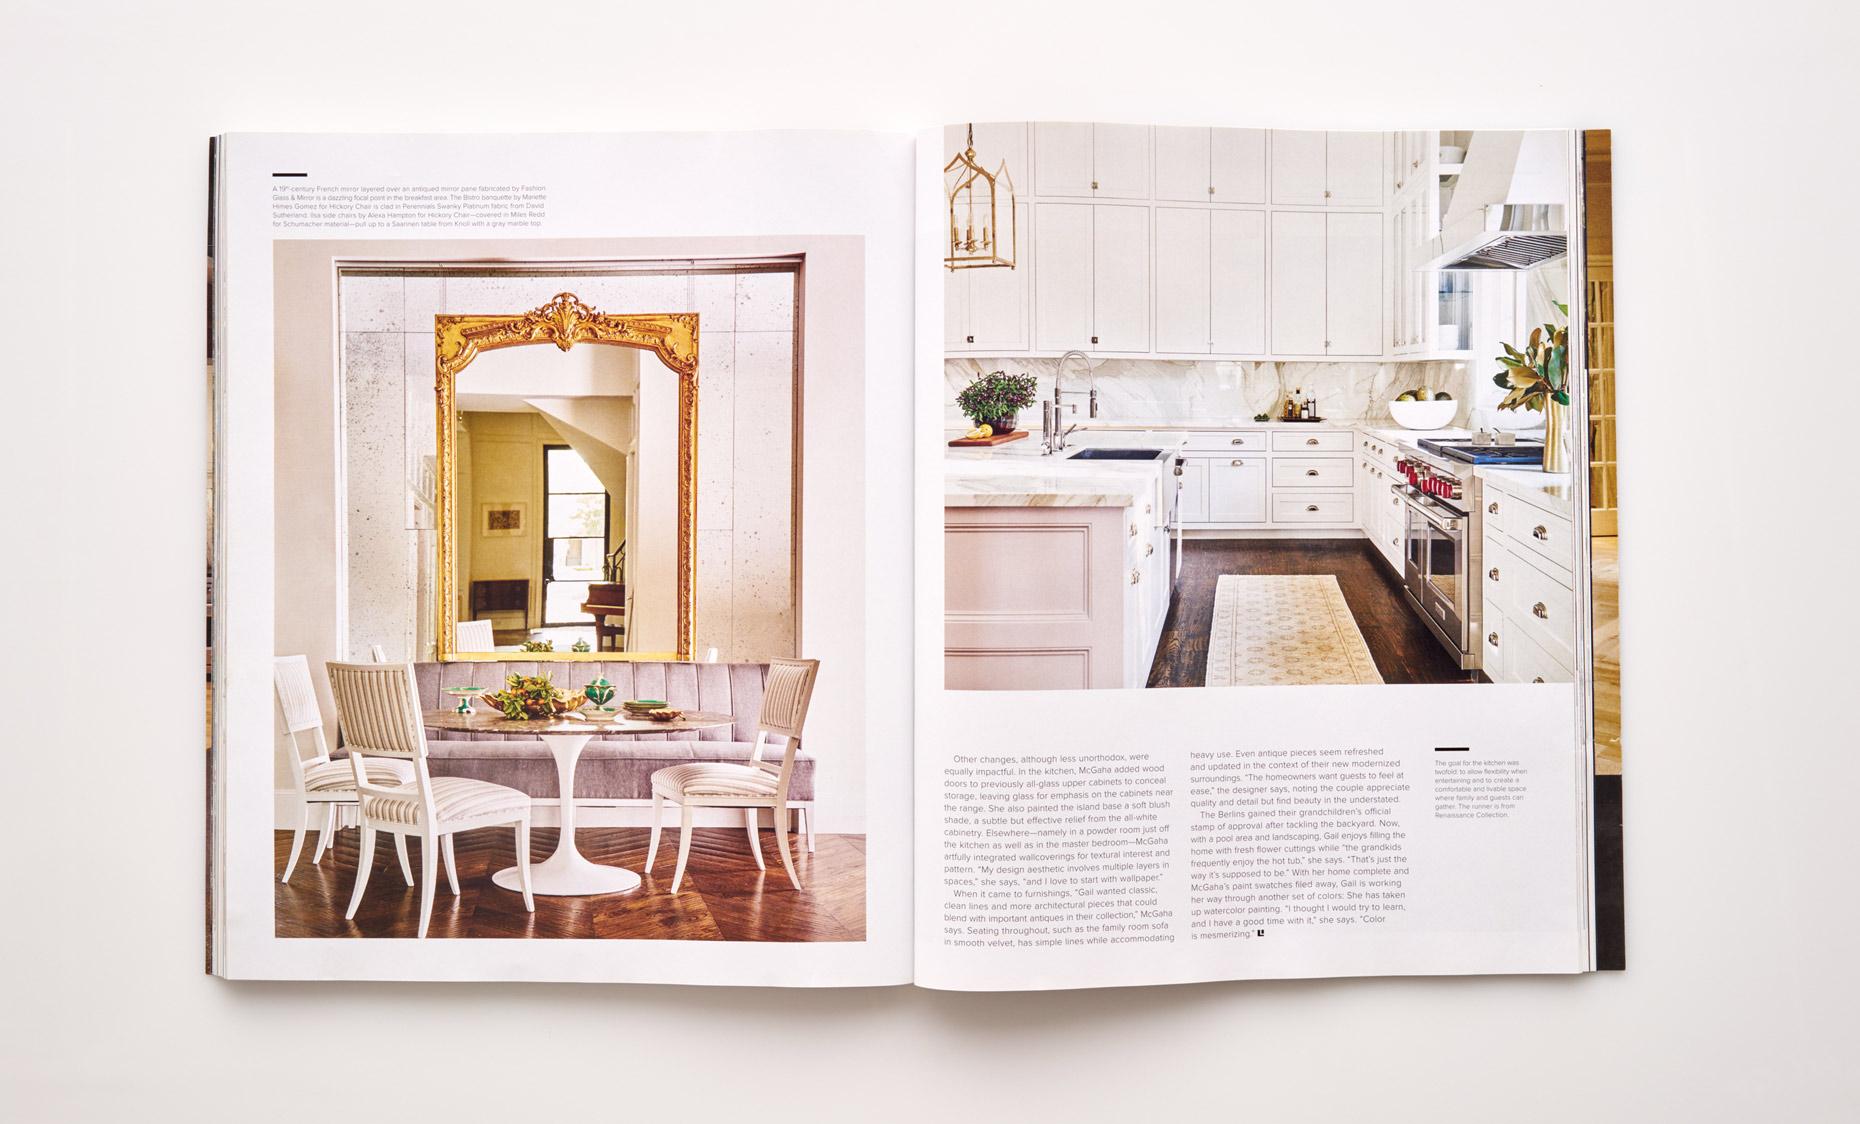 Stephen Karlisch Luxe Surface Interest Kitchen